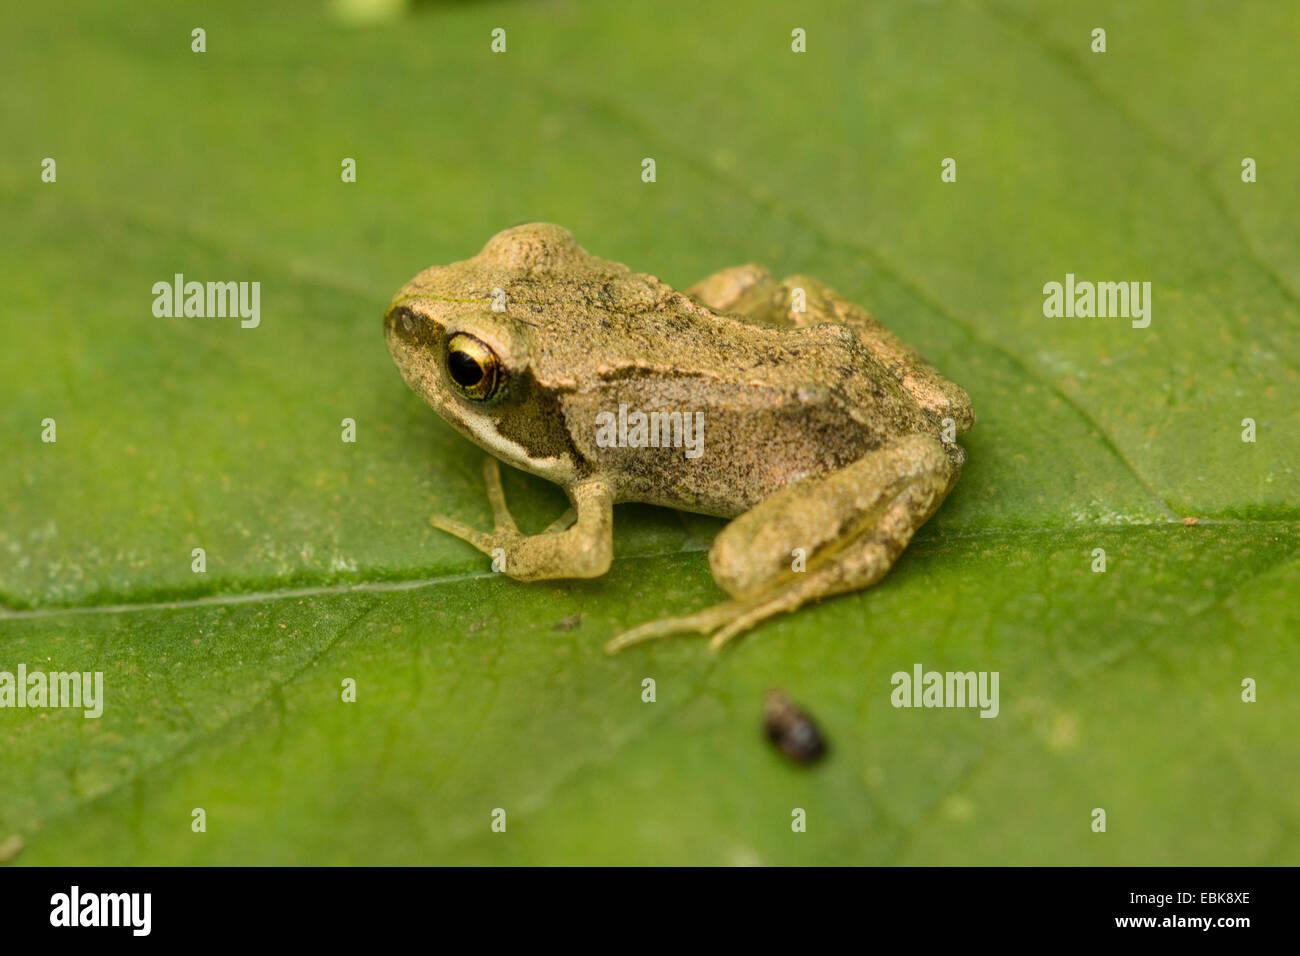 Grasfrosch, Grasfrosch (Rana Temporaria), Exemplar mit kürzlich fertiggestellte Metamorphose sitzt auf einem Stockbild